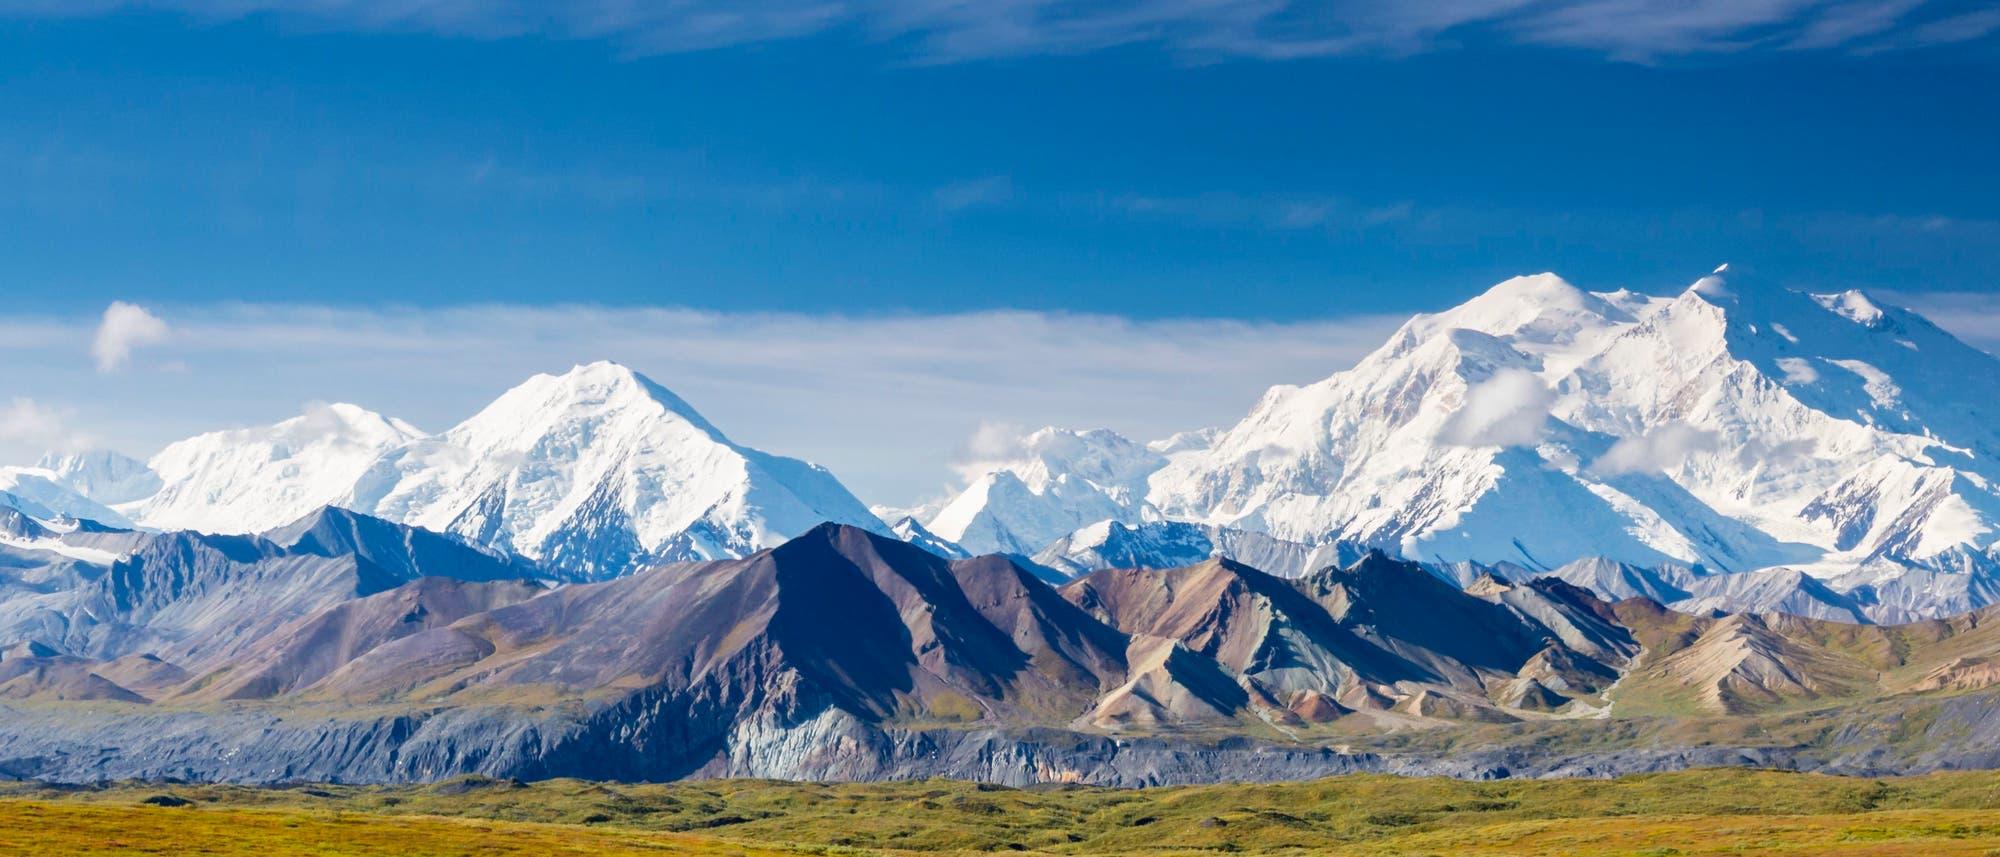 Der Mount Mckinley mit dem Muldrow-Gletscher im Denali Nationalpark, Alaska.